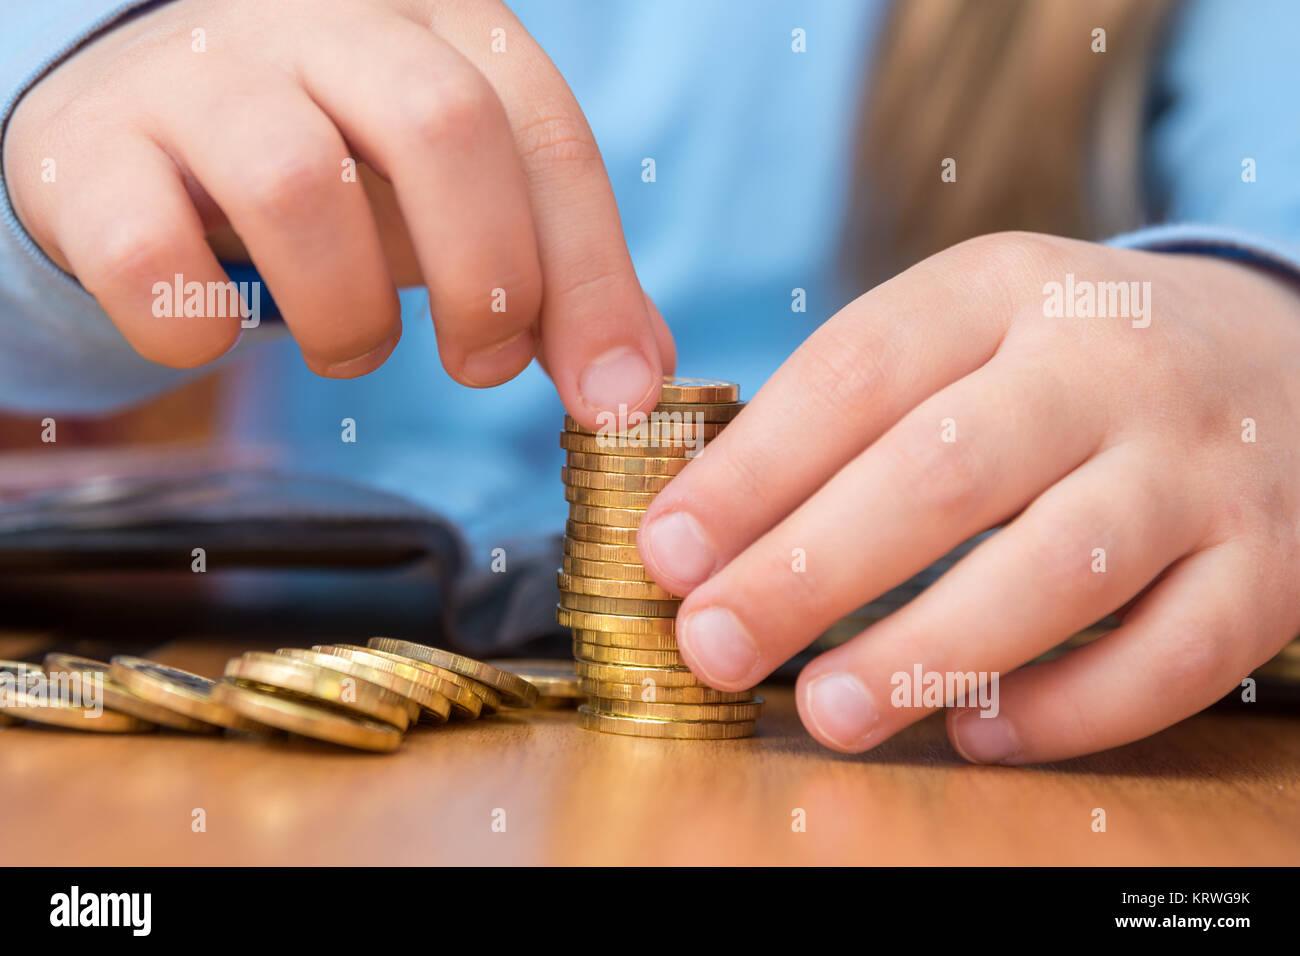 Enfant recueille une pile de pièces d'or, close-up Photo Stock